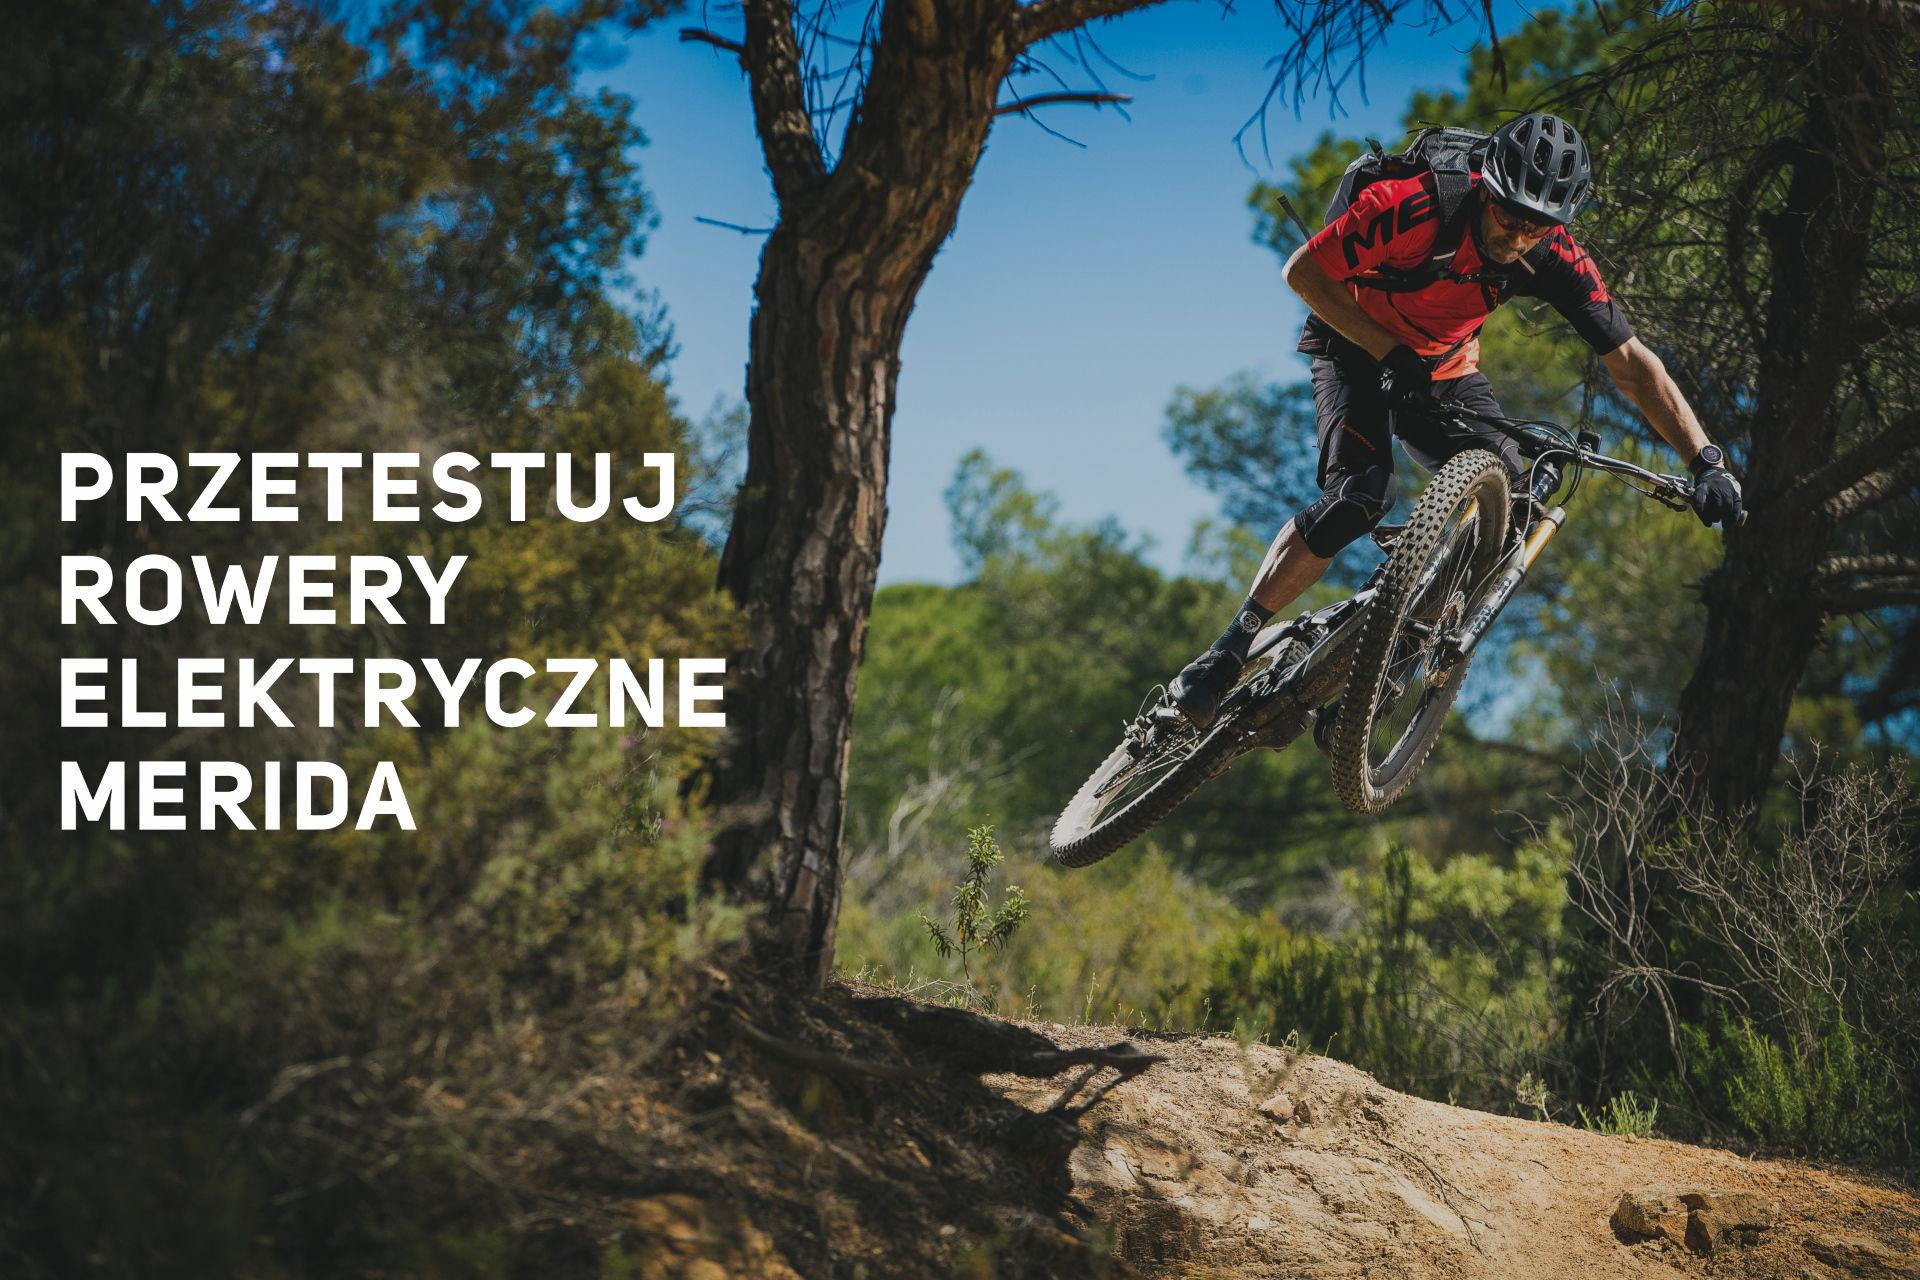 Merida eOne-Forty, eOne-Sixty, eOne-Forty, eOne-Sixty, eBig.Nine, Merida eBig.Nine, Merida eSpresso, eSpresso, e-bike, rower elektryczny, Shimano Steps, eMTB, rowery elektryczne, rower full suspension,